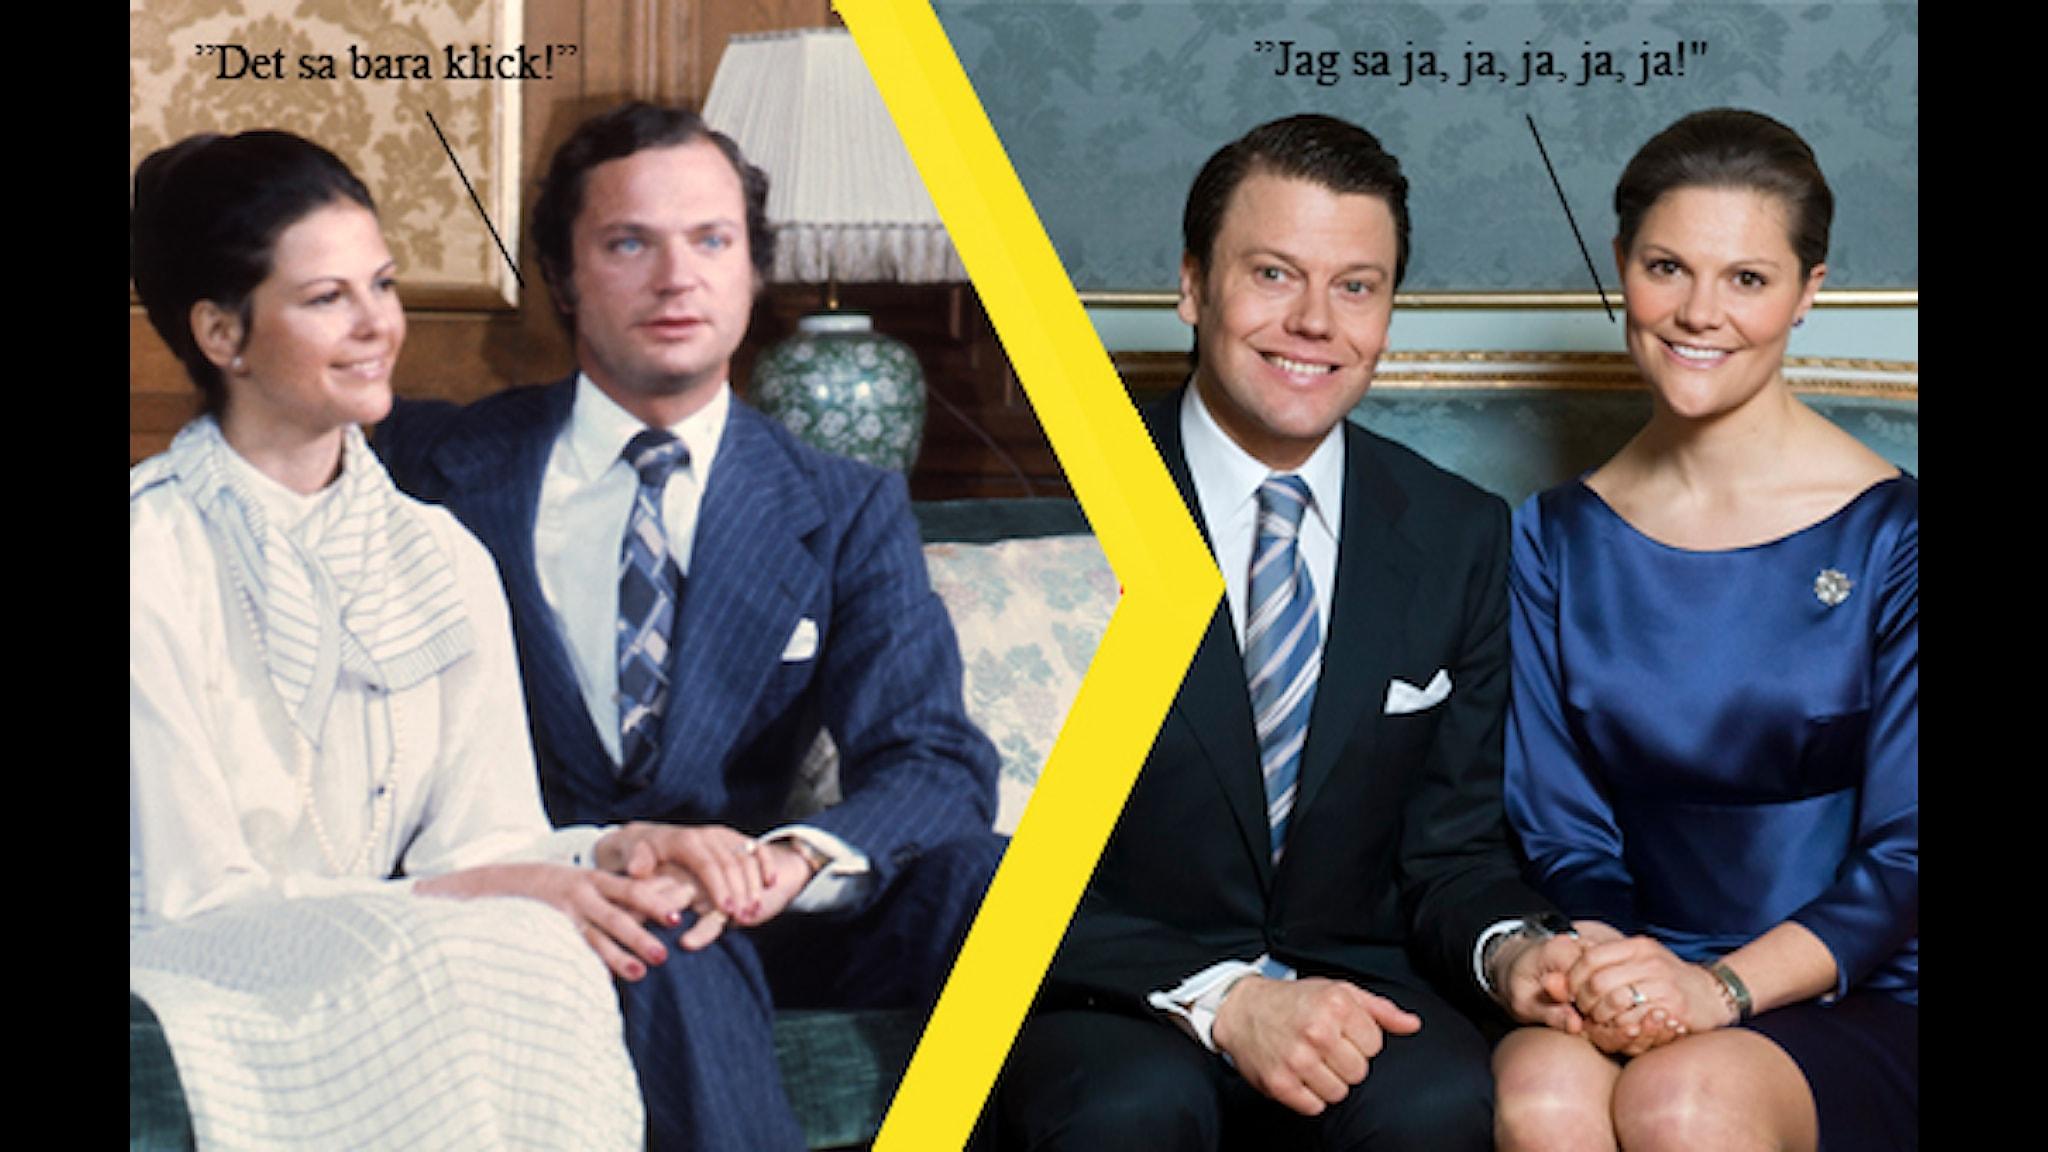 Kungen och Silvias förlovning samt Daniel och Victorias förlovning. Bilden är ett montage. Foto: SVTBild/HENRIK MONTGOMERY / SCANPIX